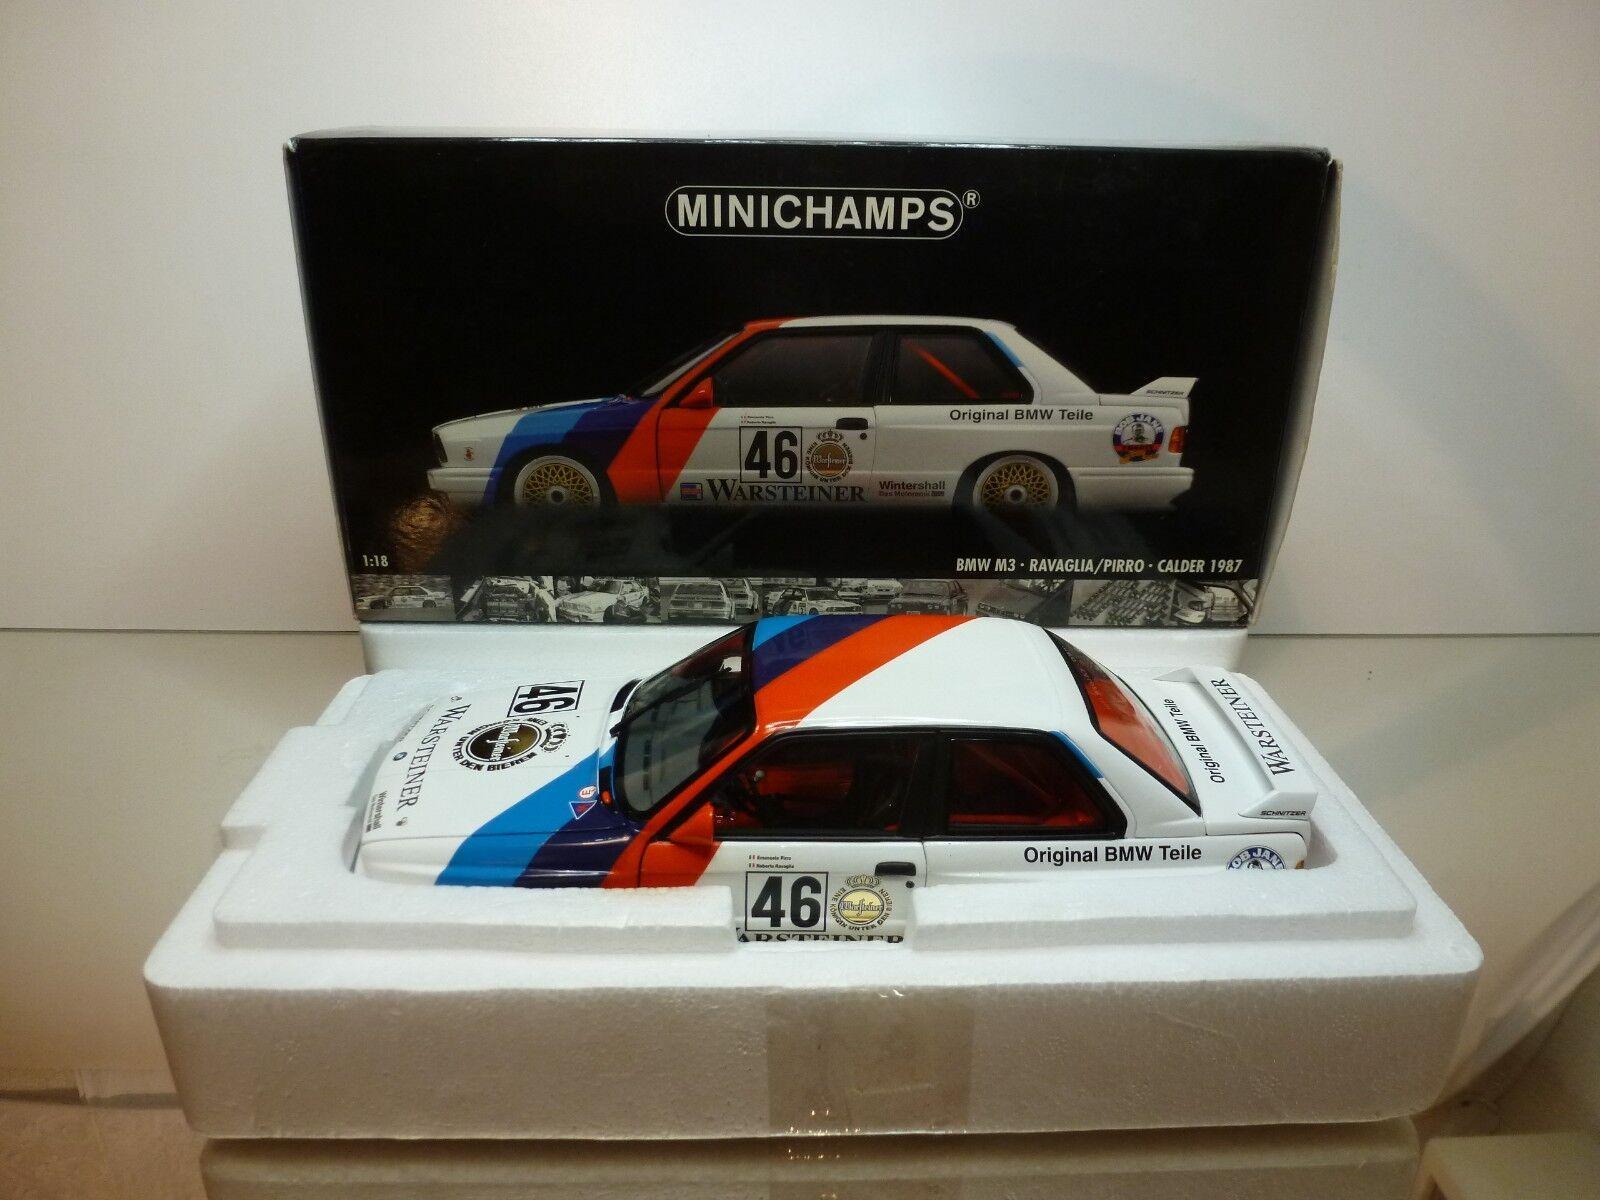 MINICHAMPS BMW M3 E30 WTC 1987 RAVAGLIA PIRRO  46 bianca 1 18 - EXCELLENT IN BOX